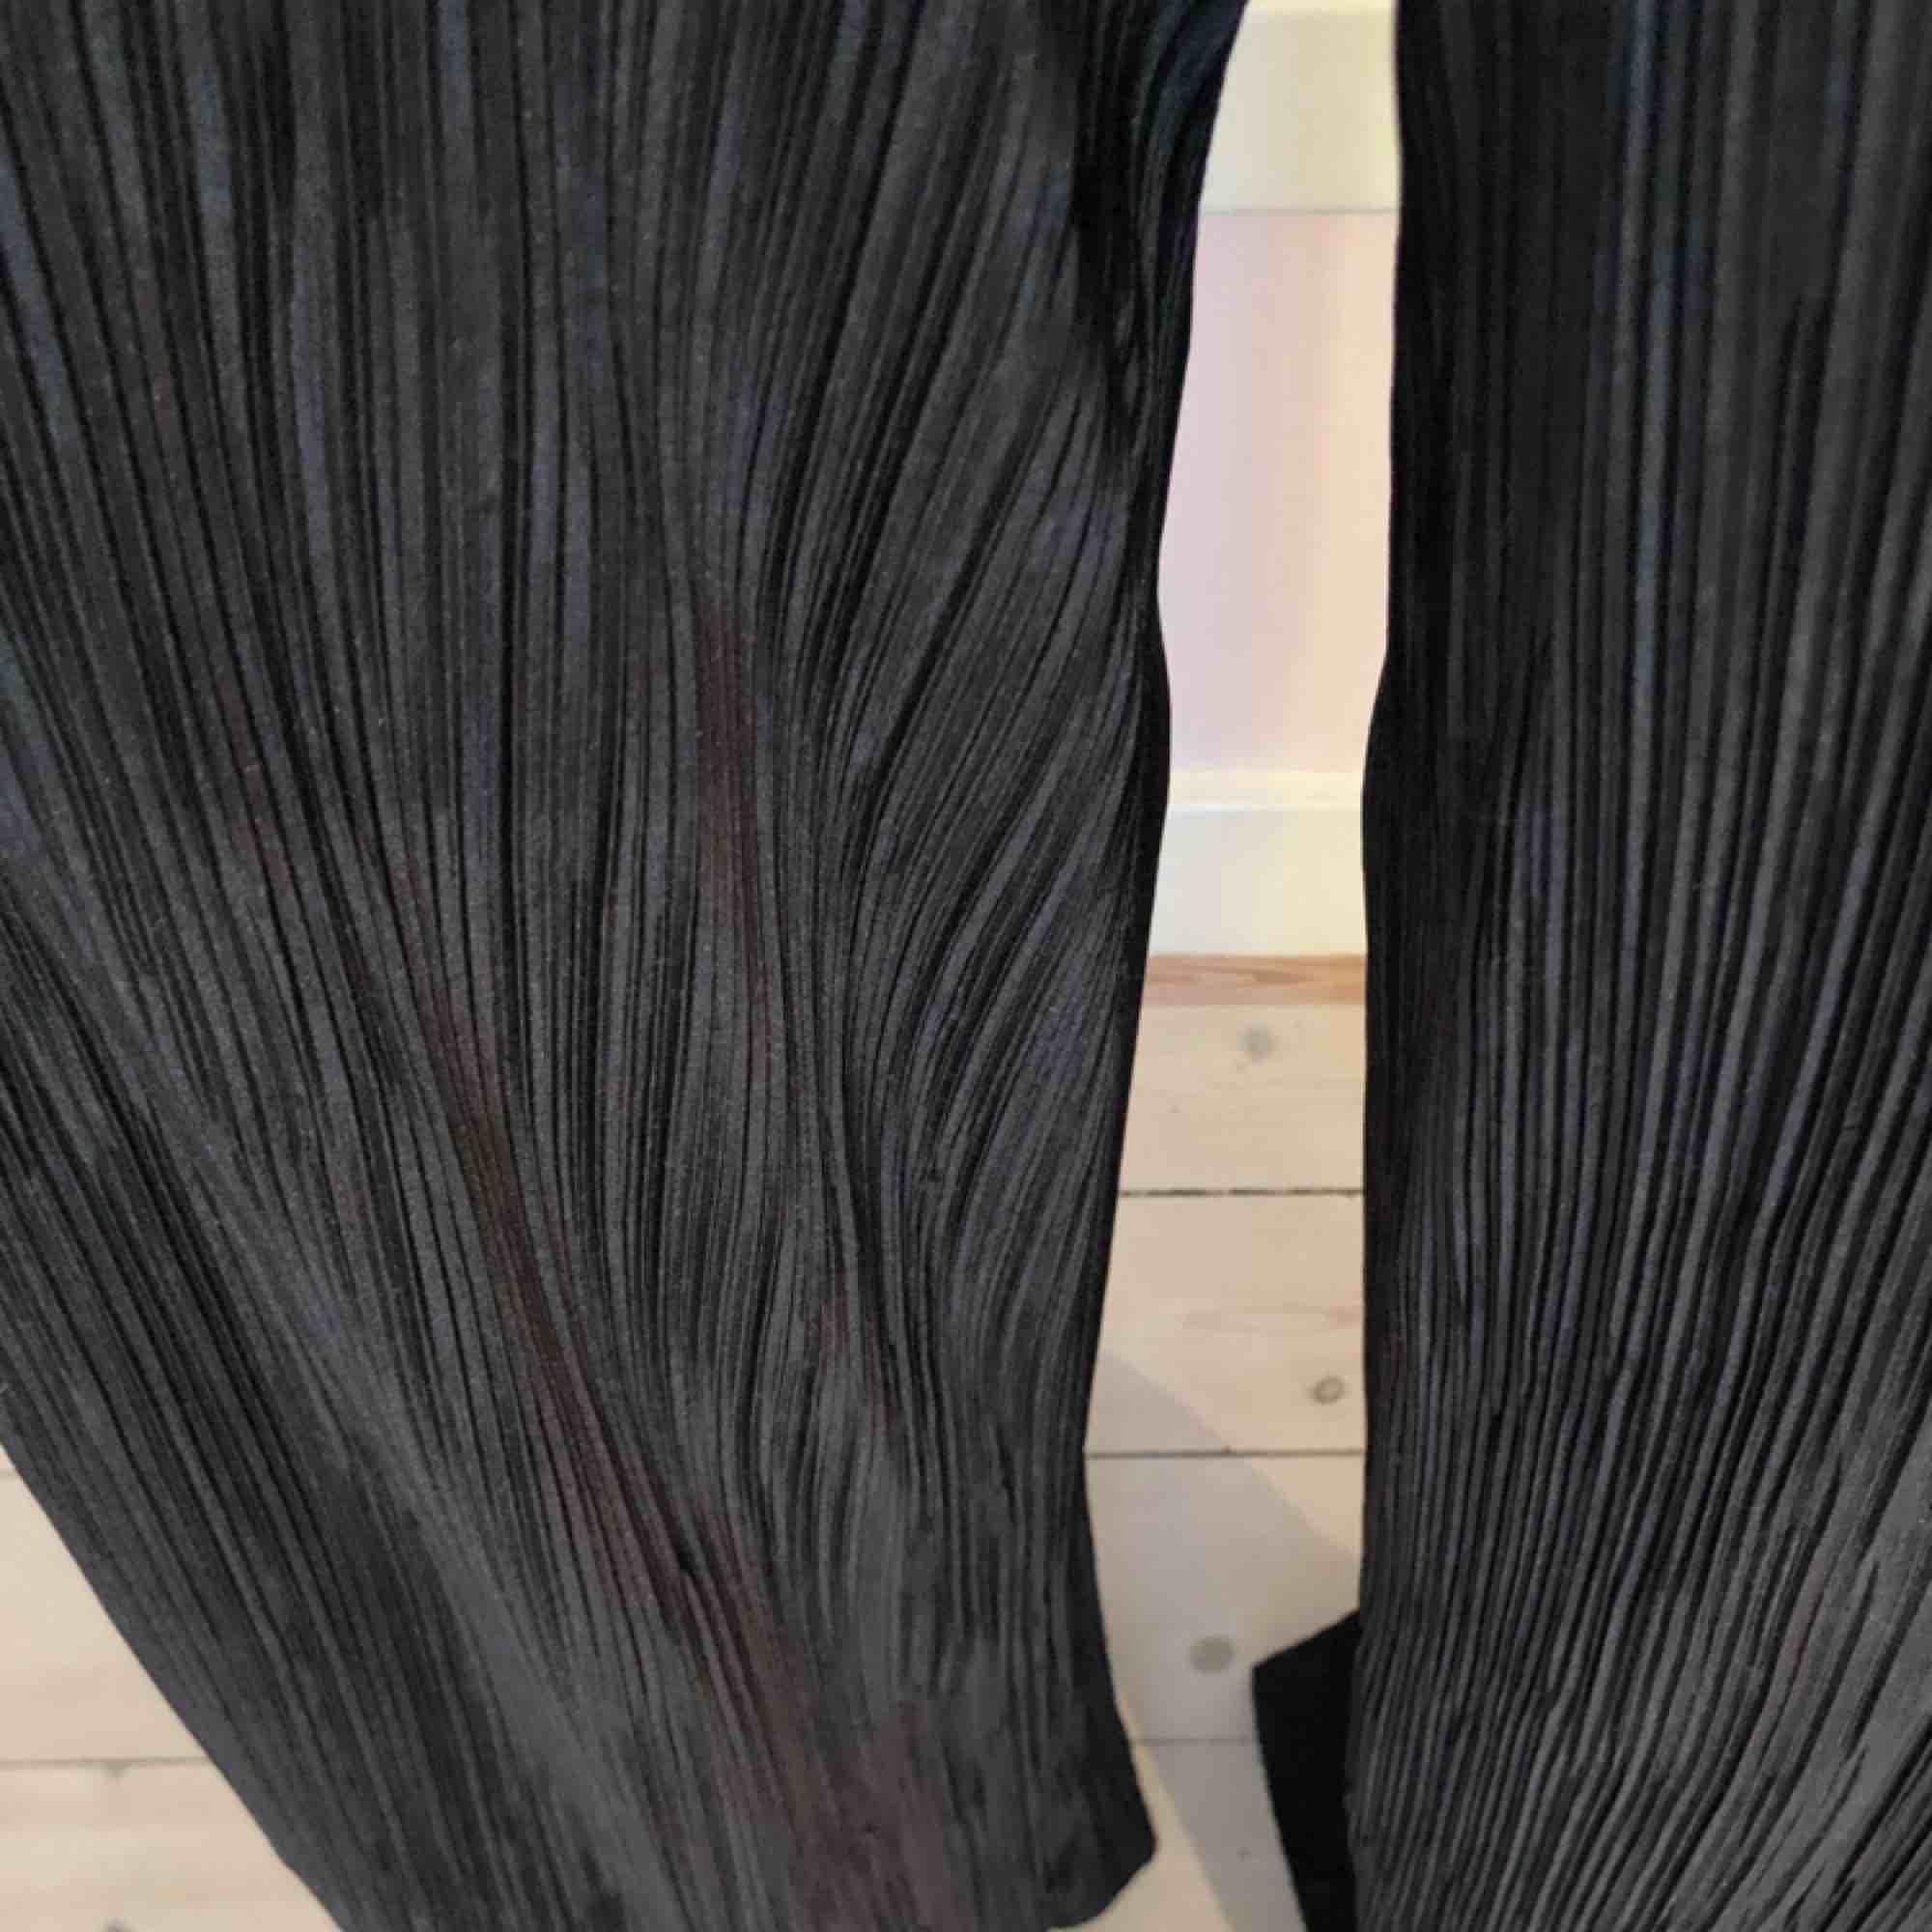 Snygga byxor från Boohoo! Lite slitna vid hälarna men inget som märks. Vida och långa byxor med stretch i midjan. Kolla gärna på allt annat jag säljer 😋. Jeans & Byxor.